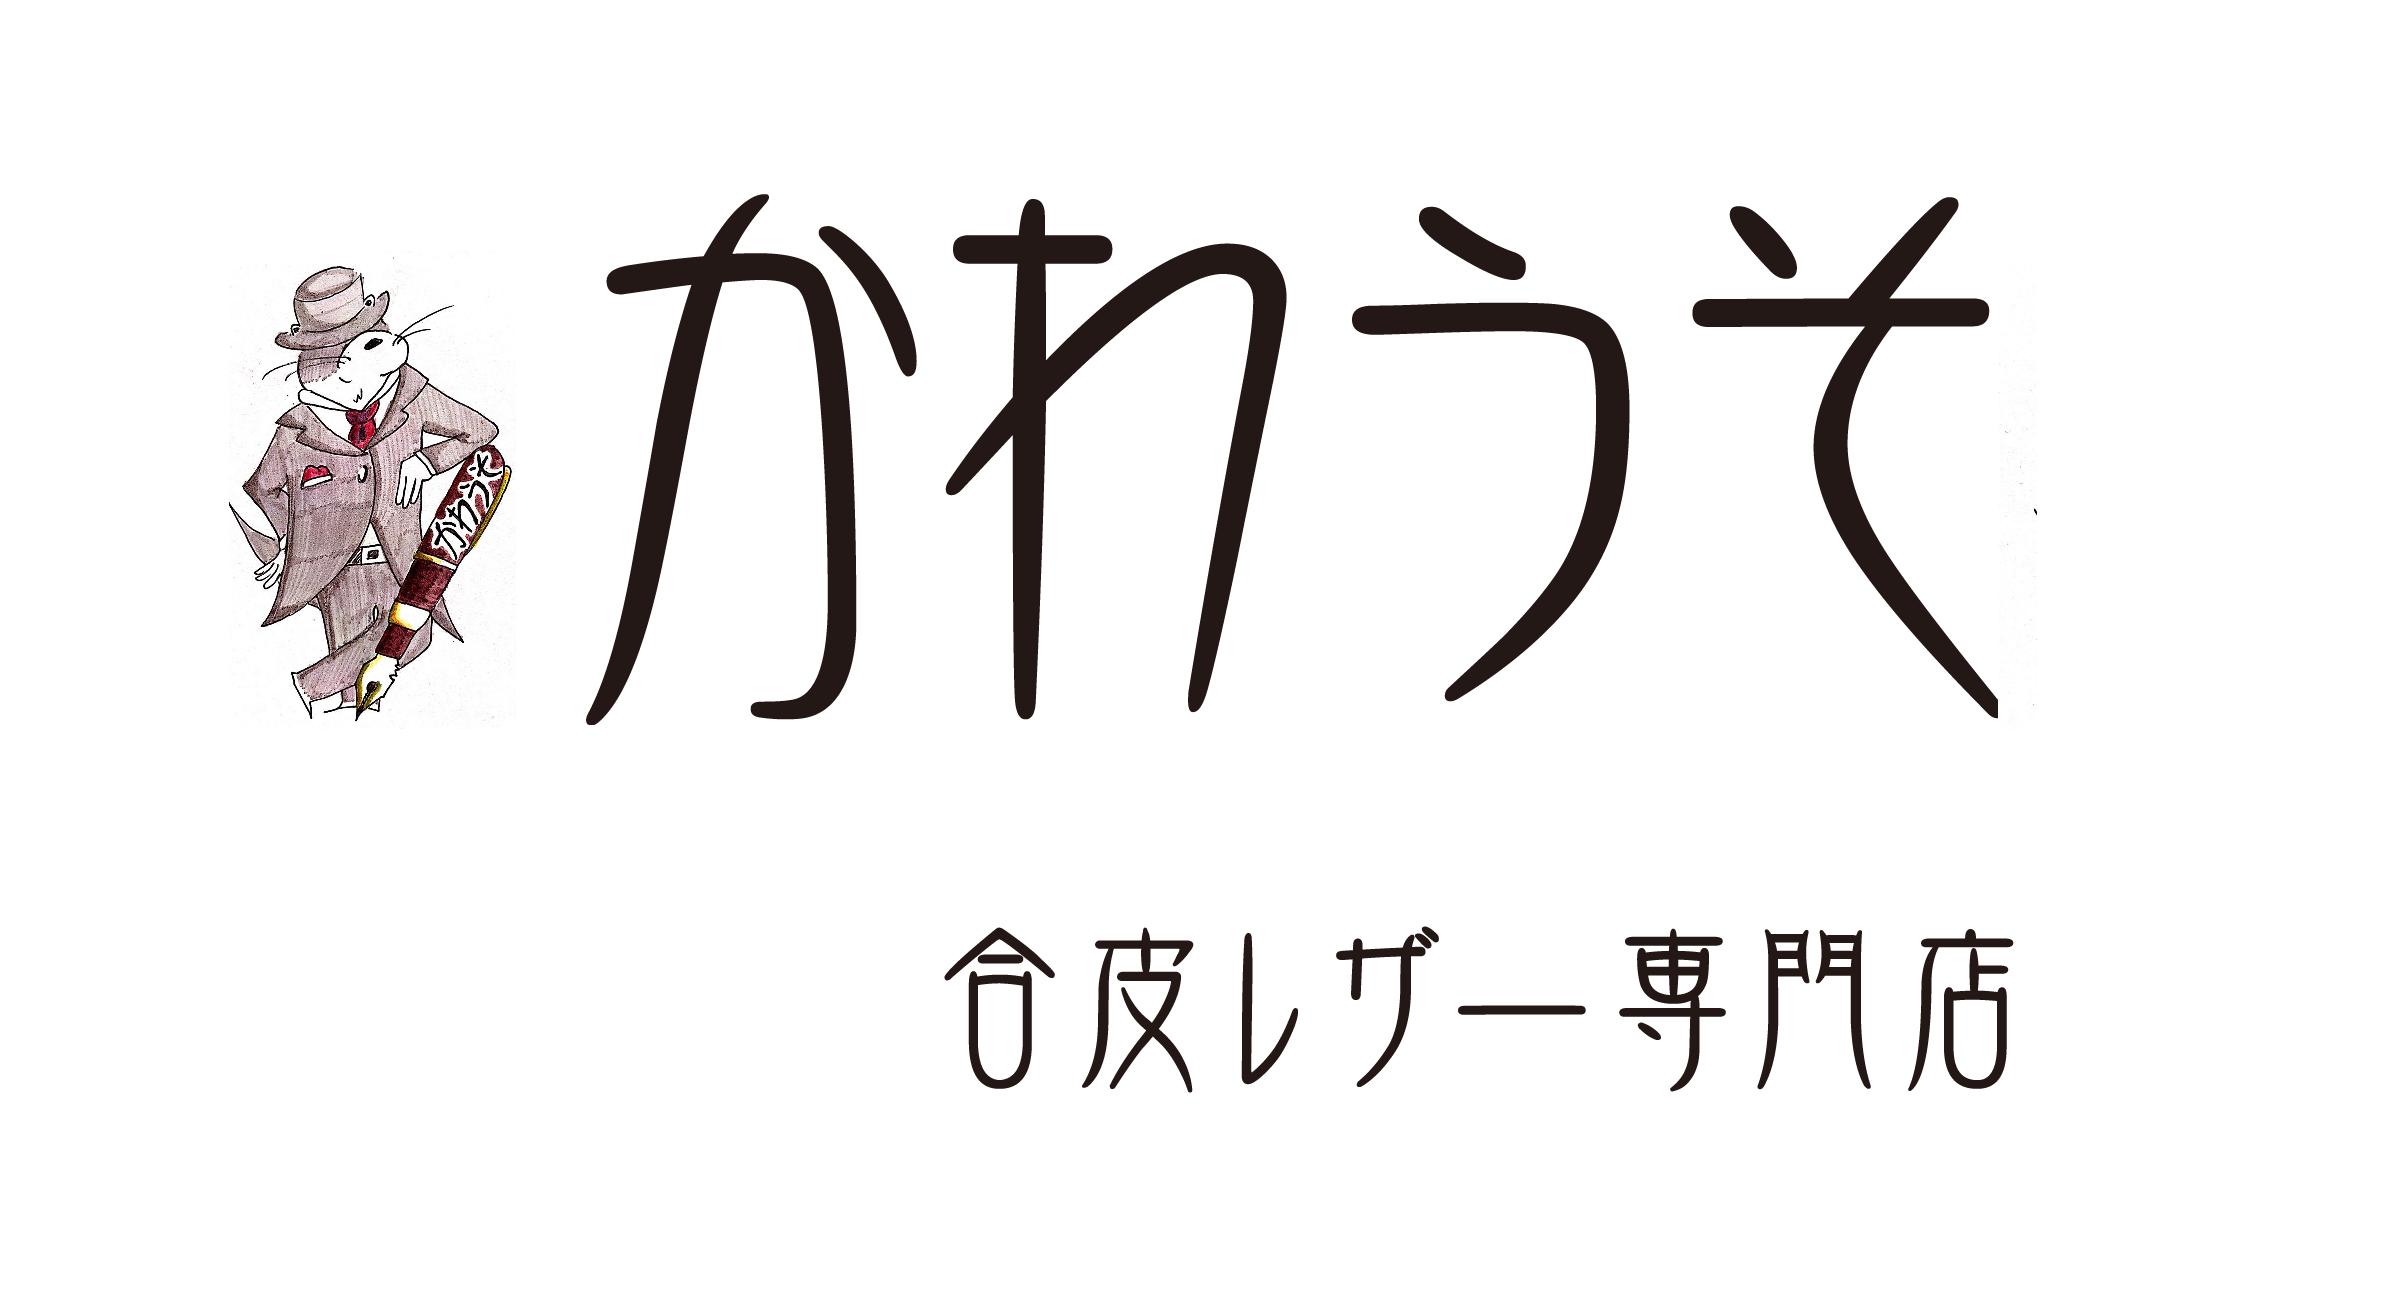 ネットショップ 合皮 レザー専門店 / かわうそ 革製品  ★5000円以内★